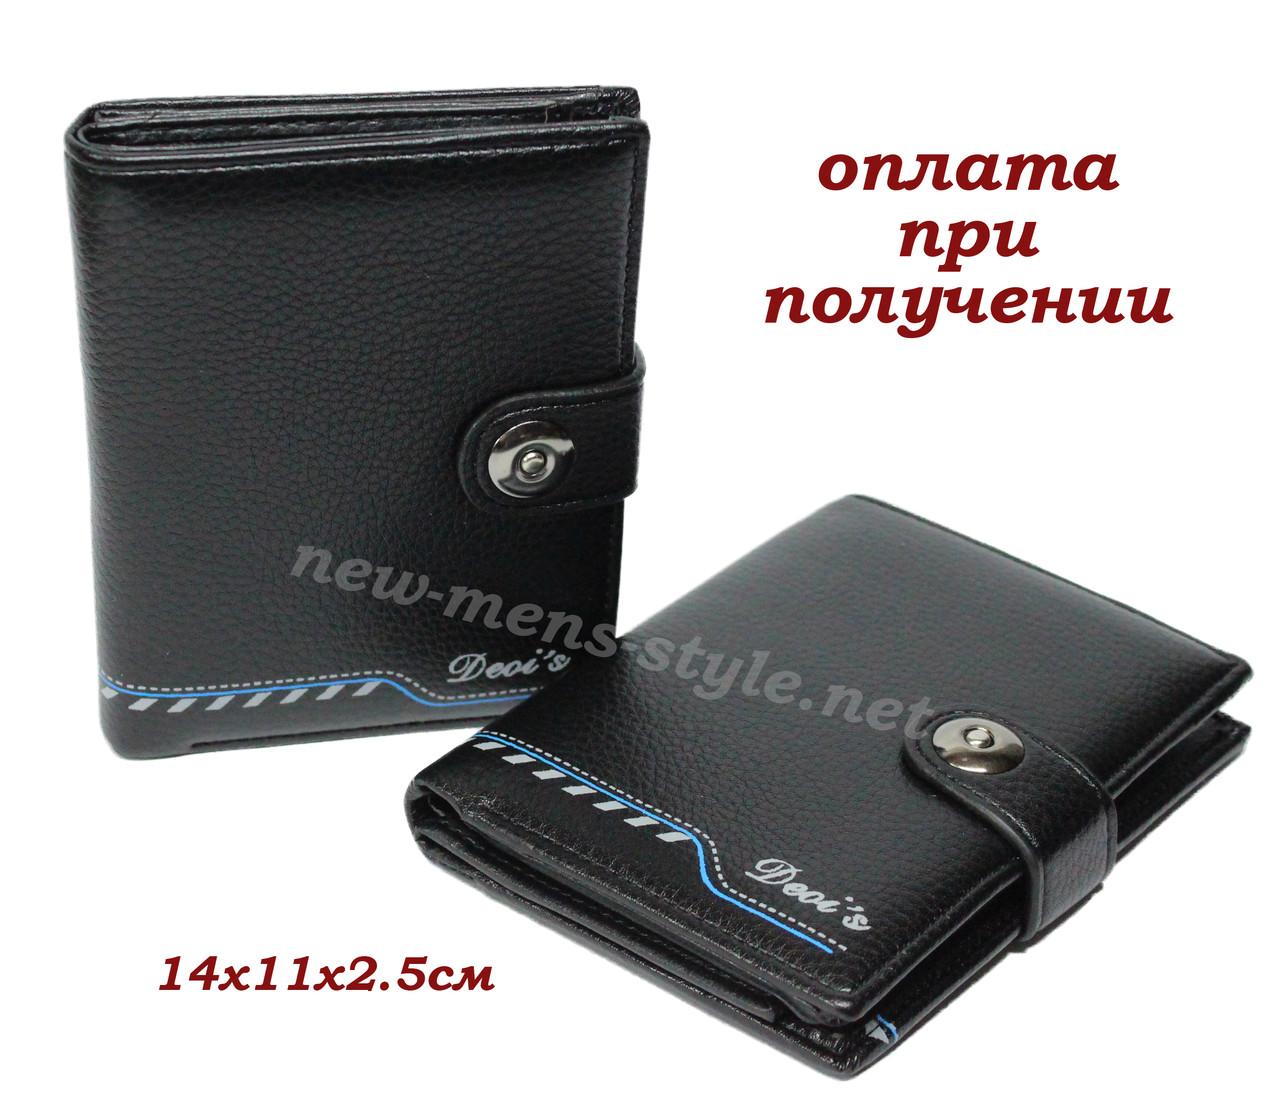 Чоловічий шкіряний гаманець портмоне гаманець обкладинка на паспорт DEVIS NEW